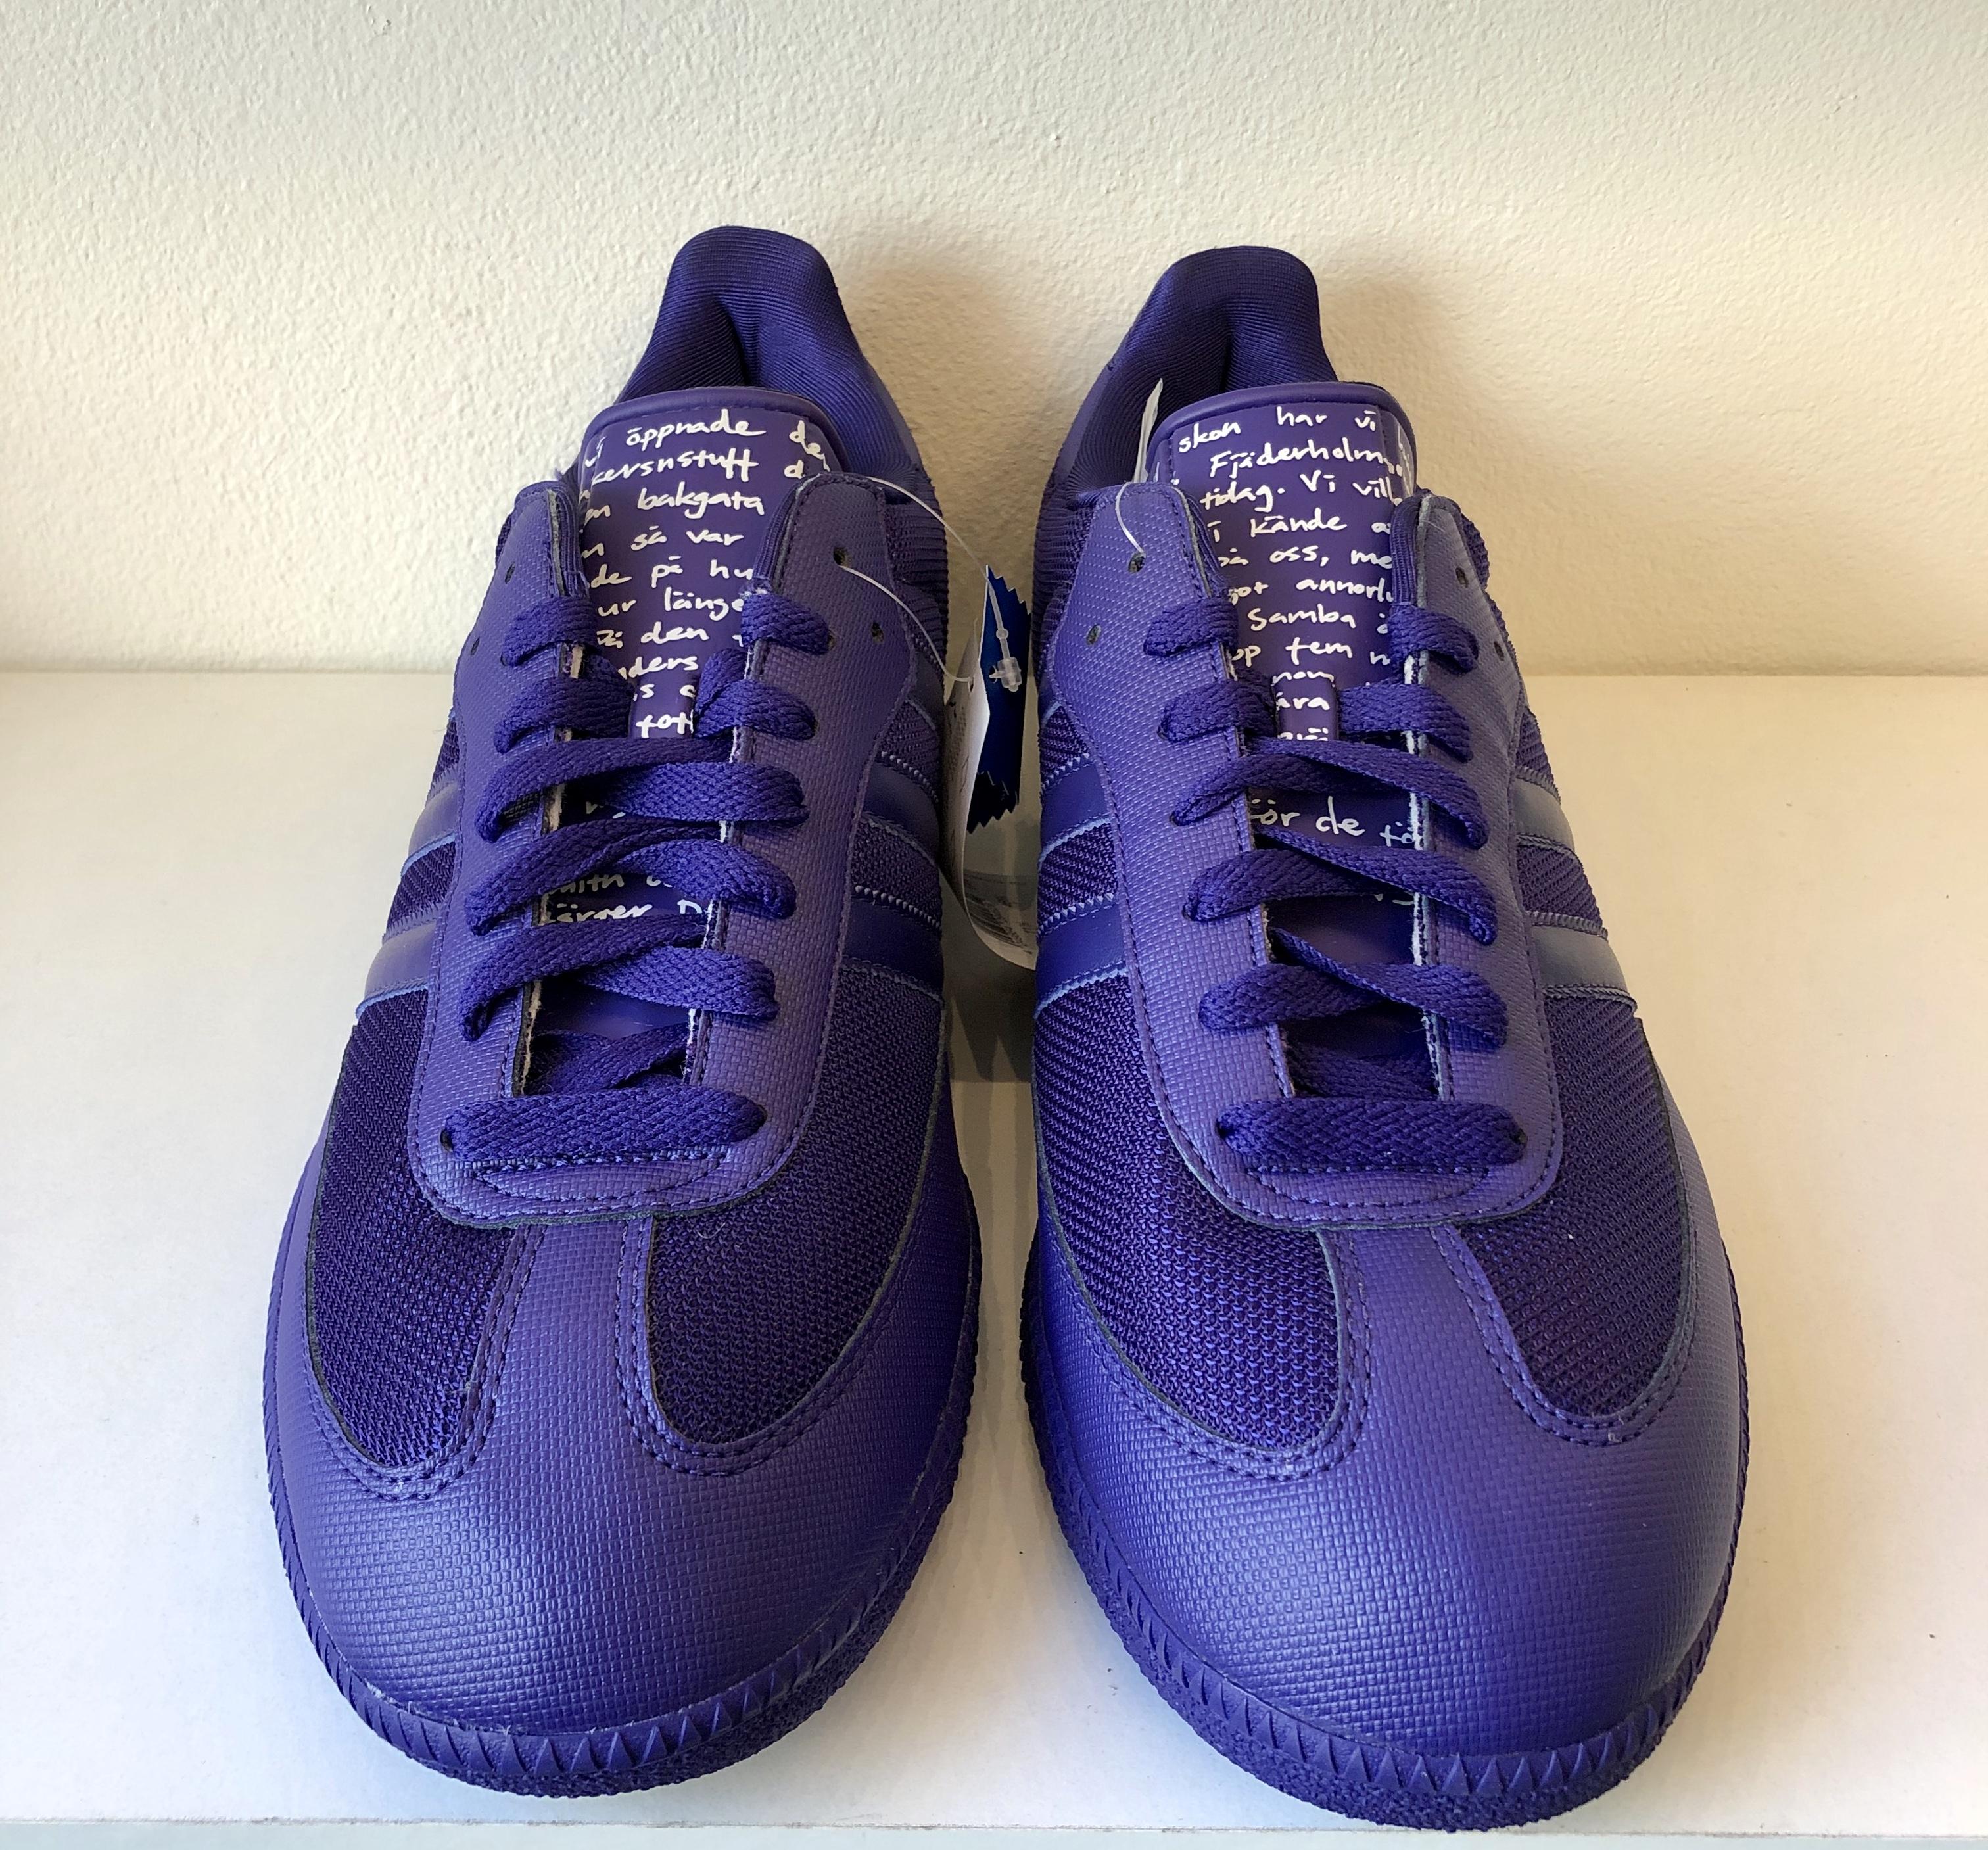 Adidas Samba Sneakersnstuff